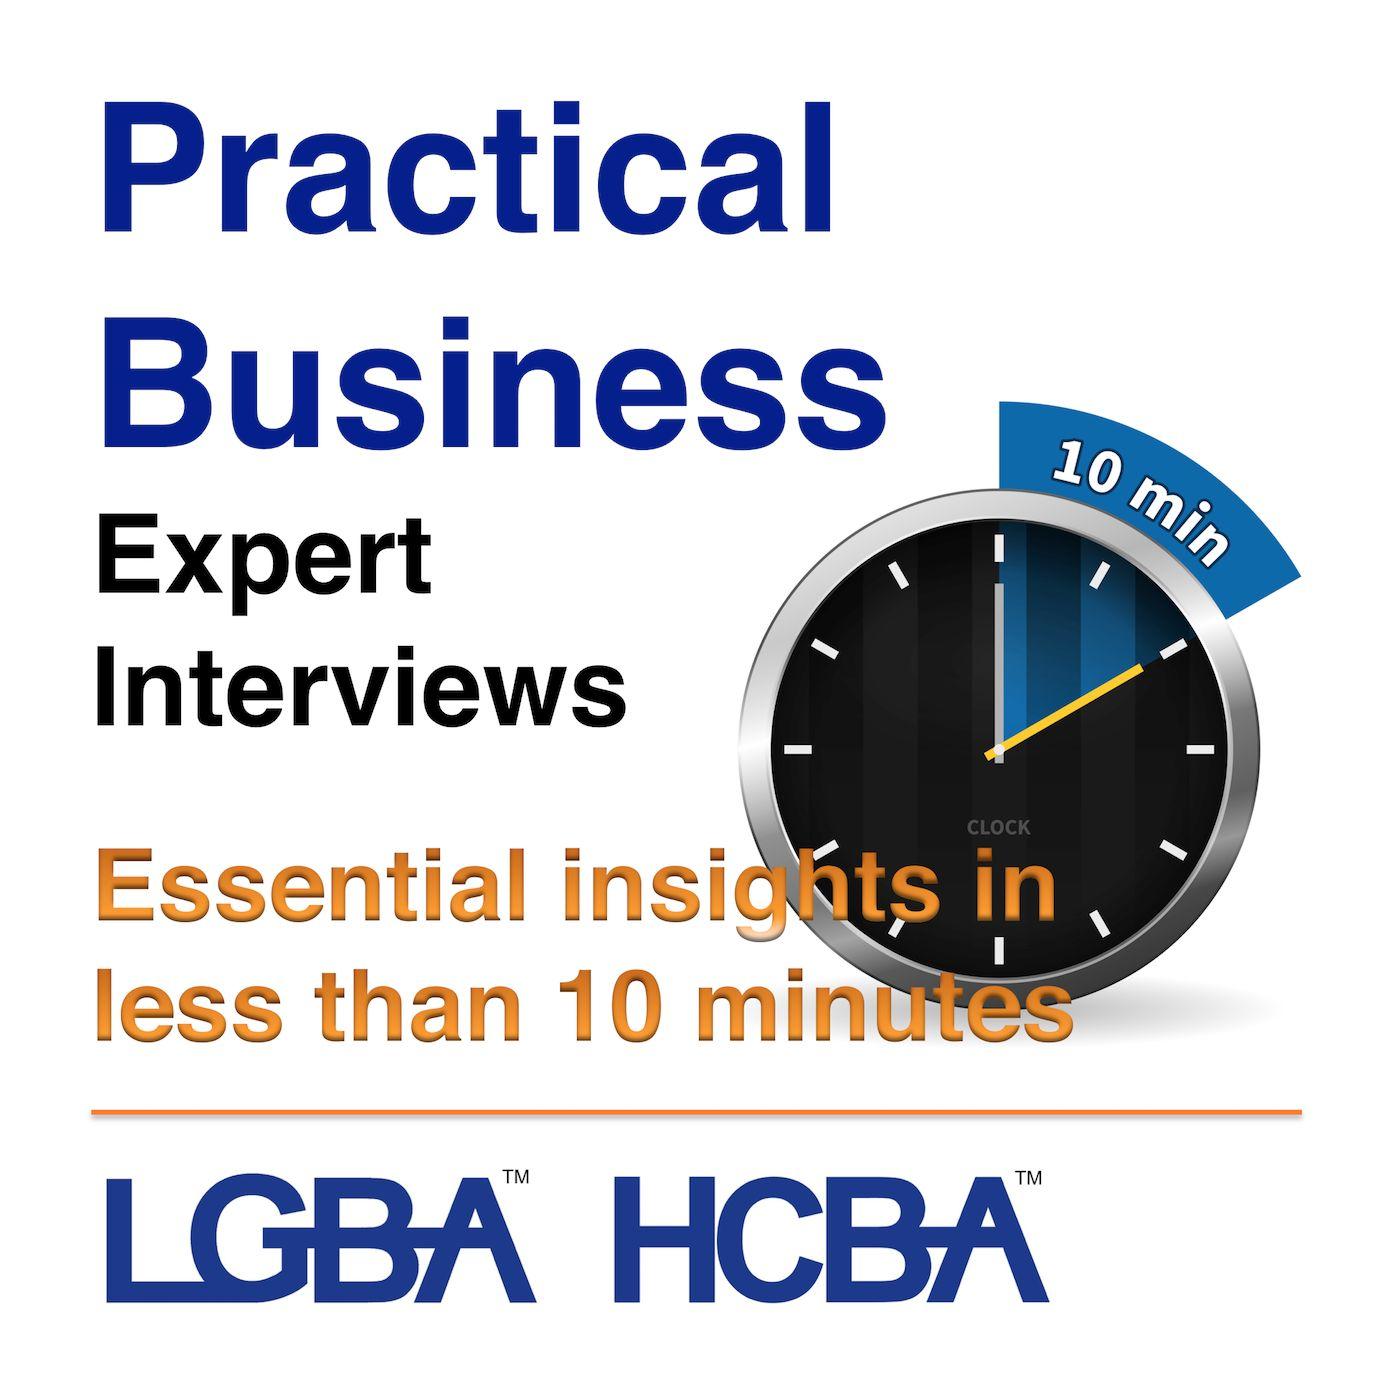 Practical Business Expert Interviews